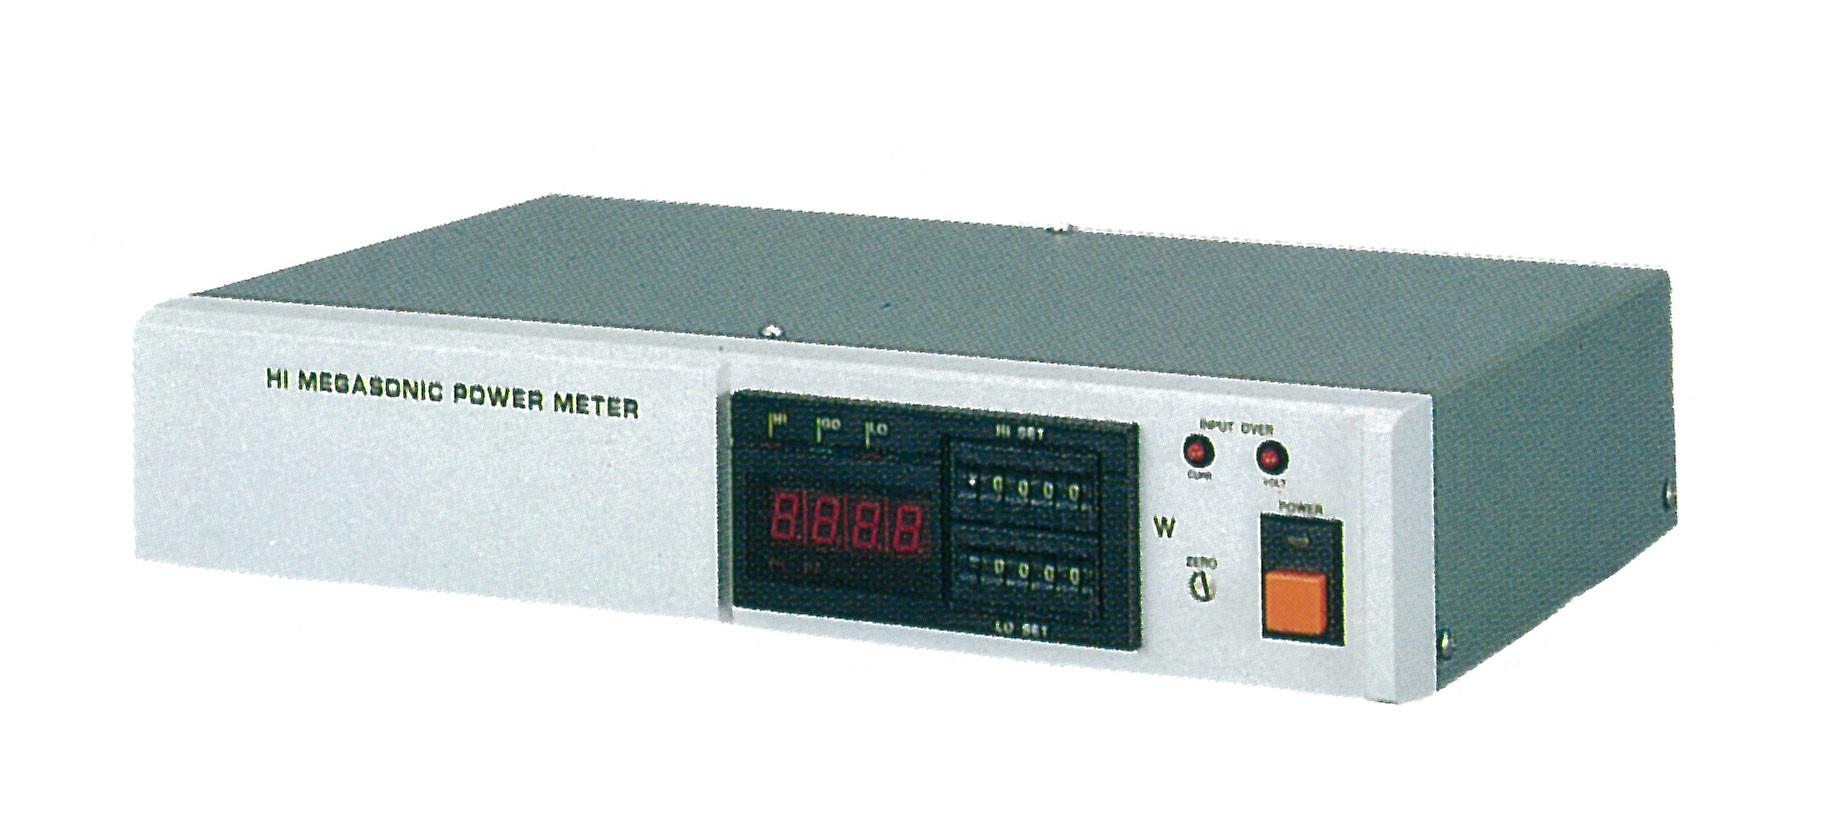 【展示室】展示機器の紹介 高周波電力計 8801B-MR型